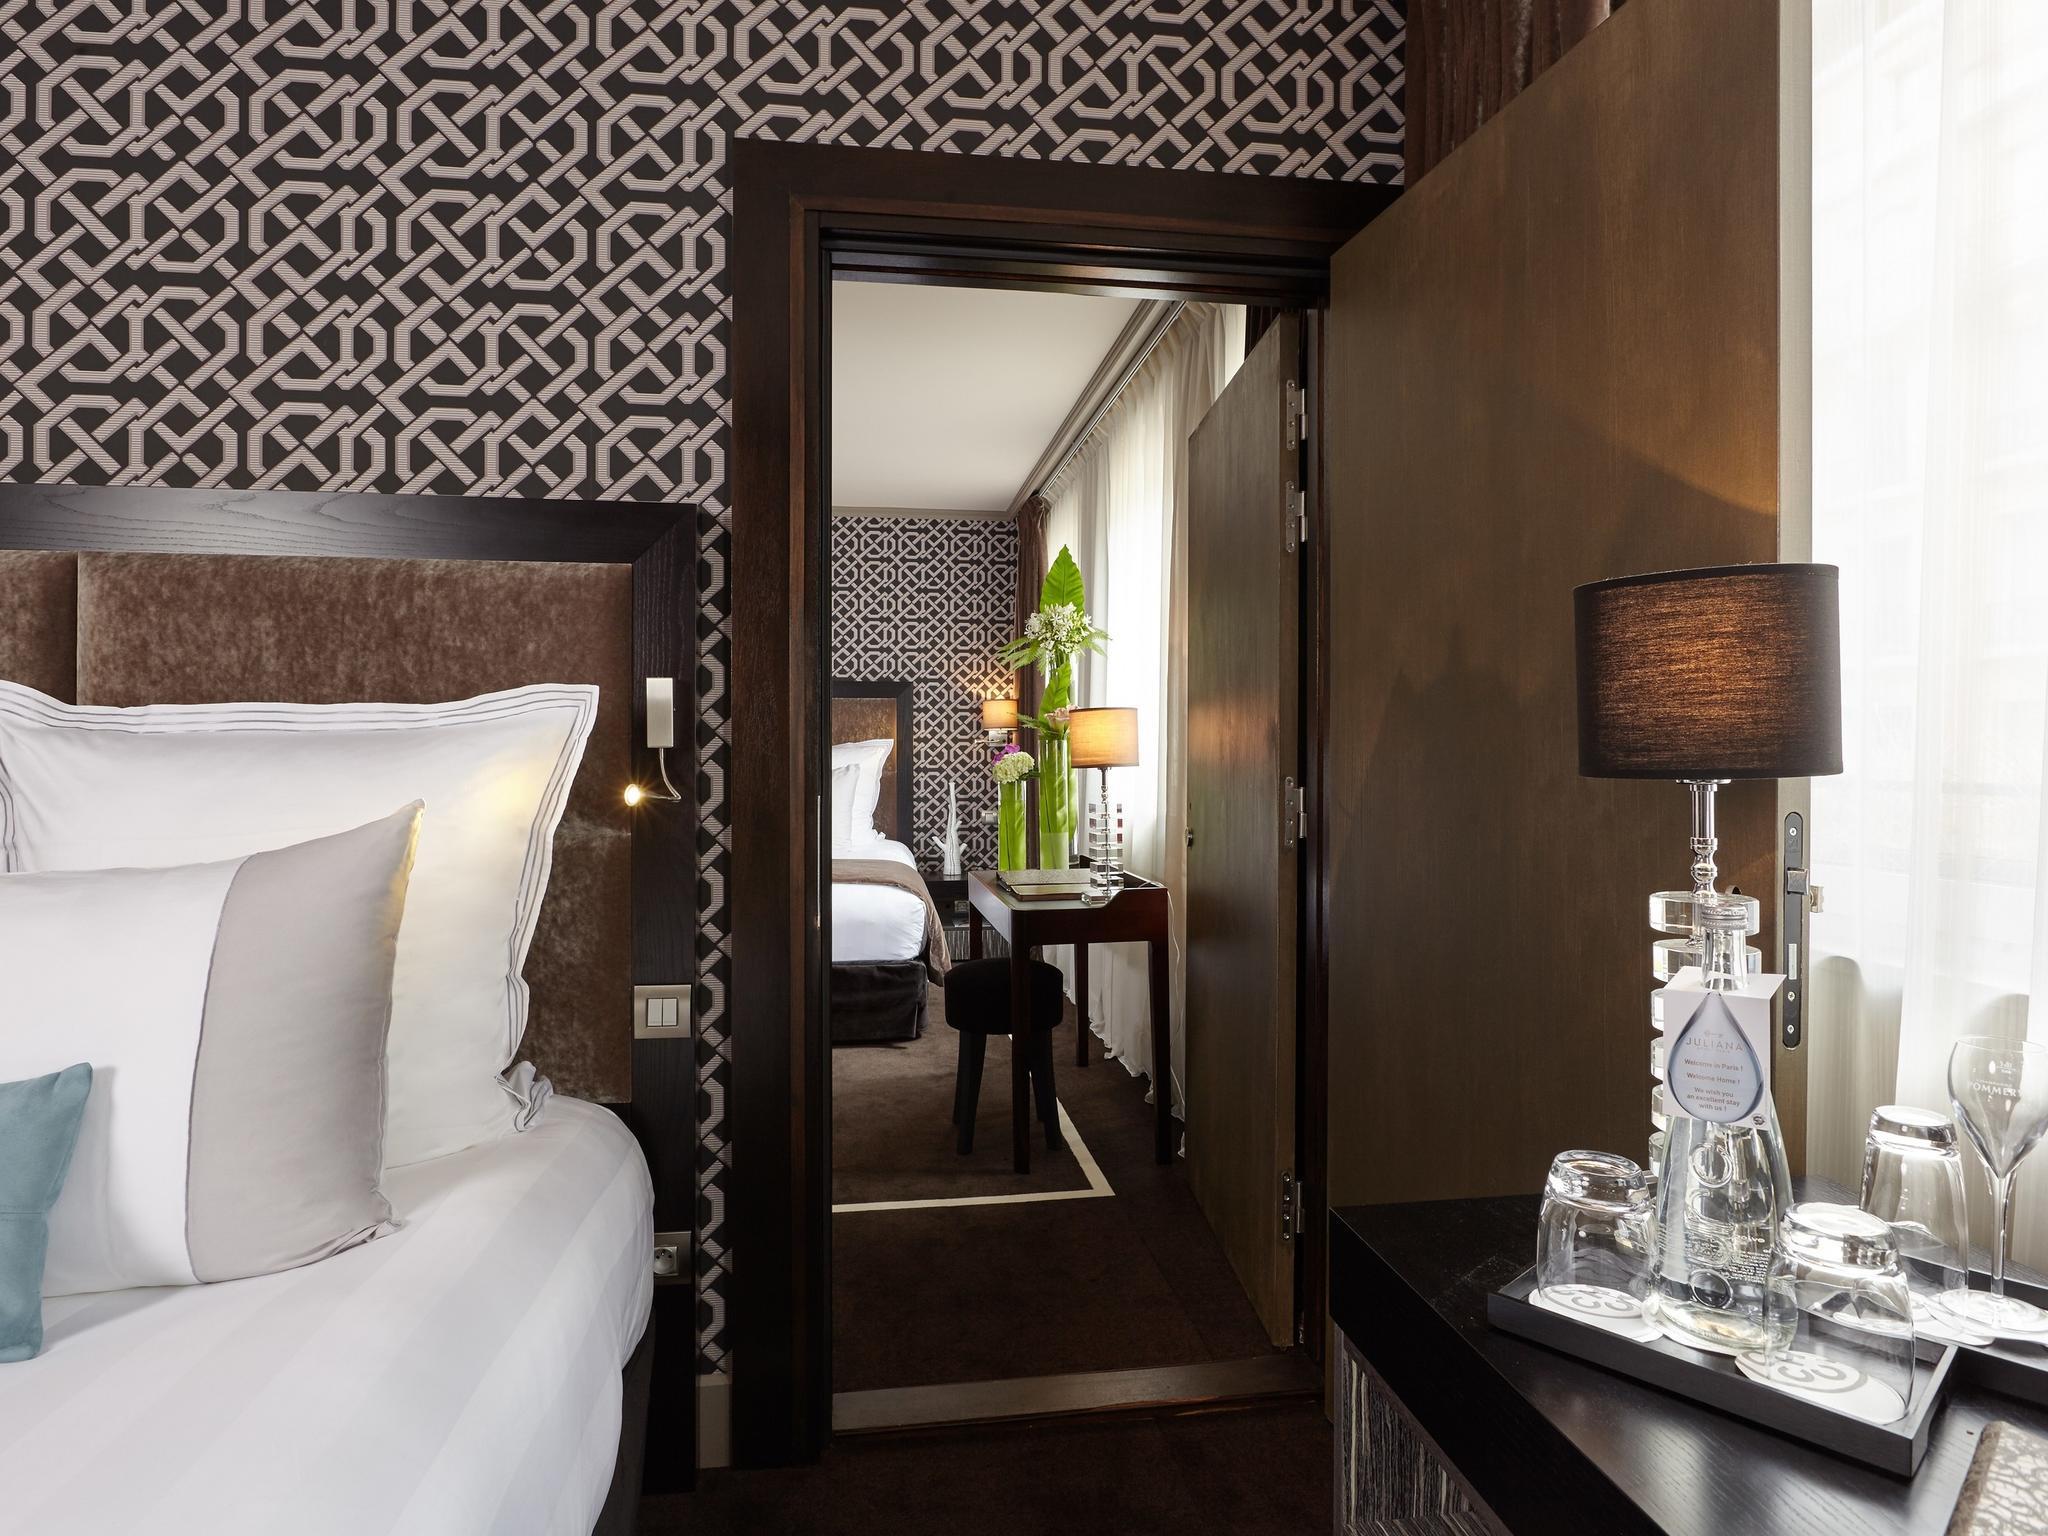 Hotel in PARIS Hotel Juliana Paris